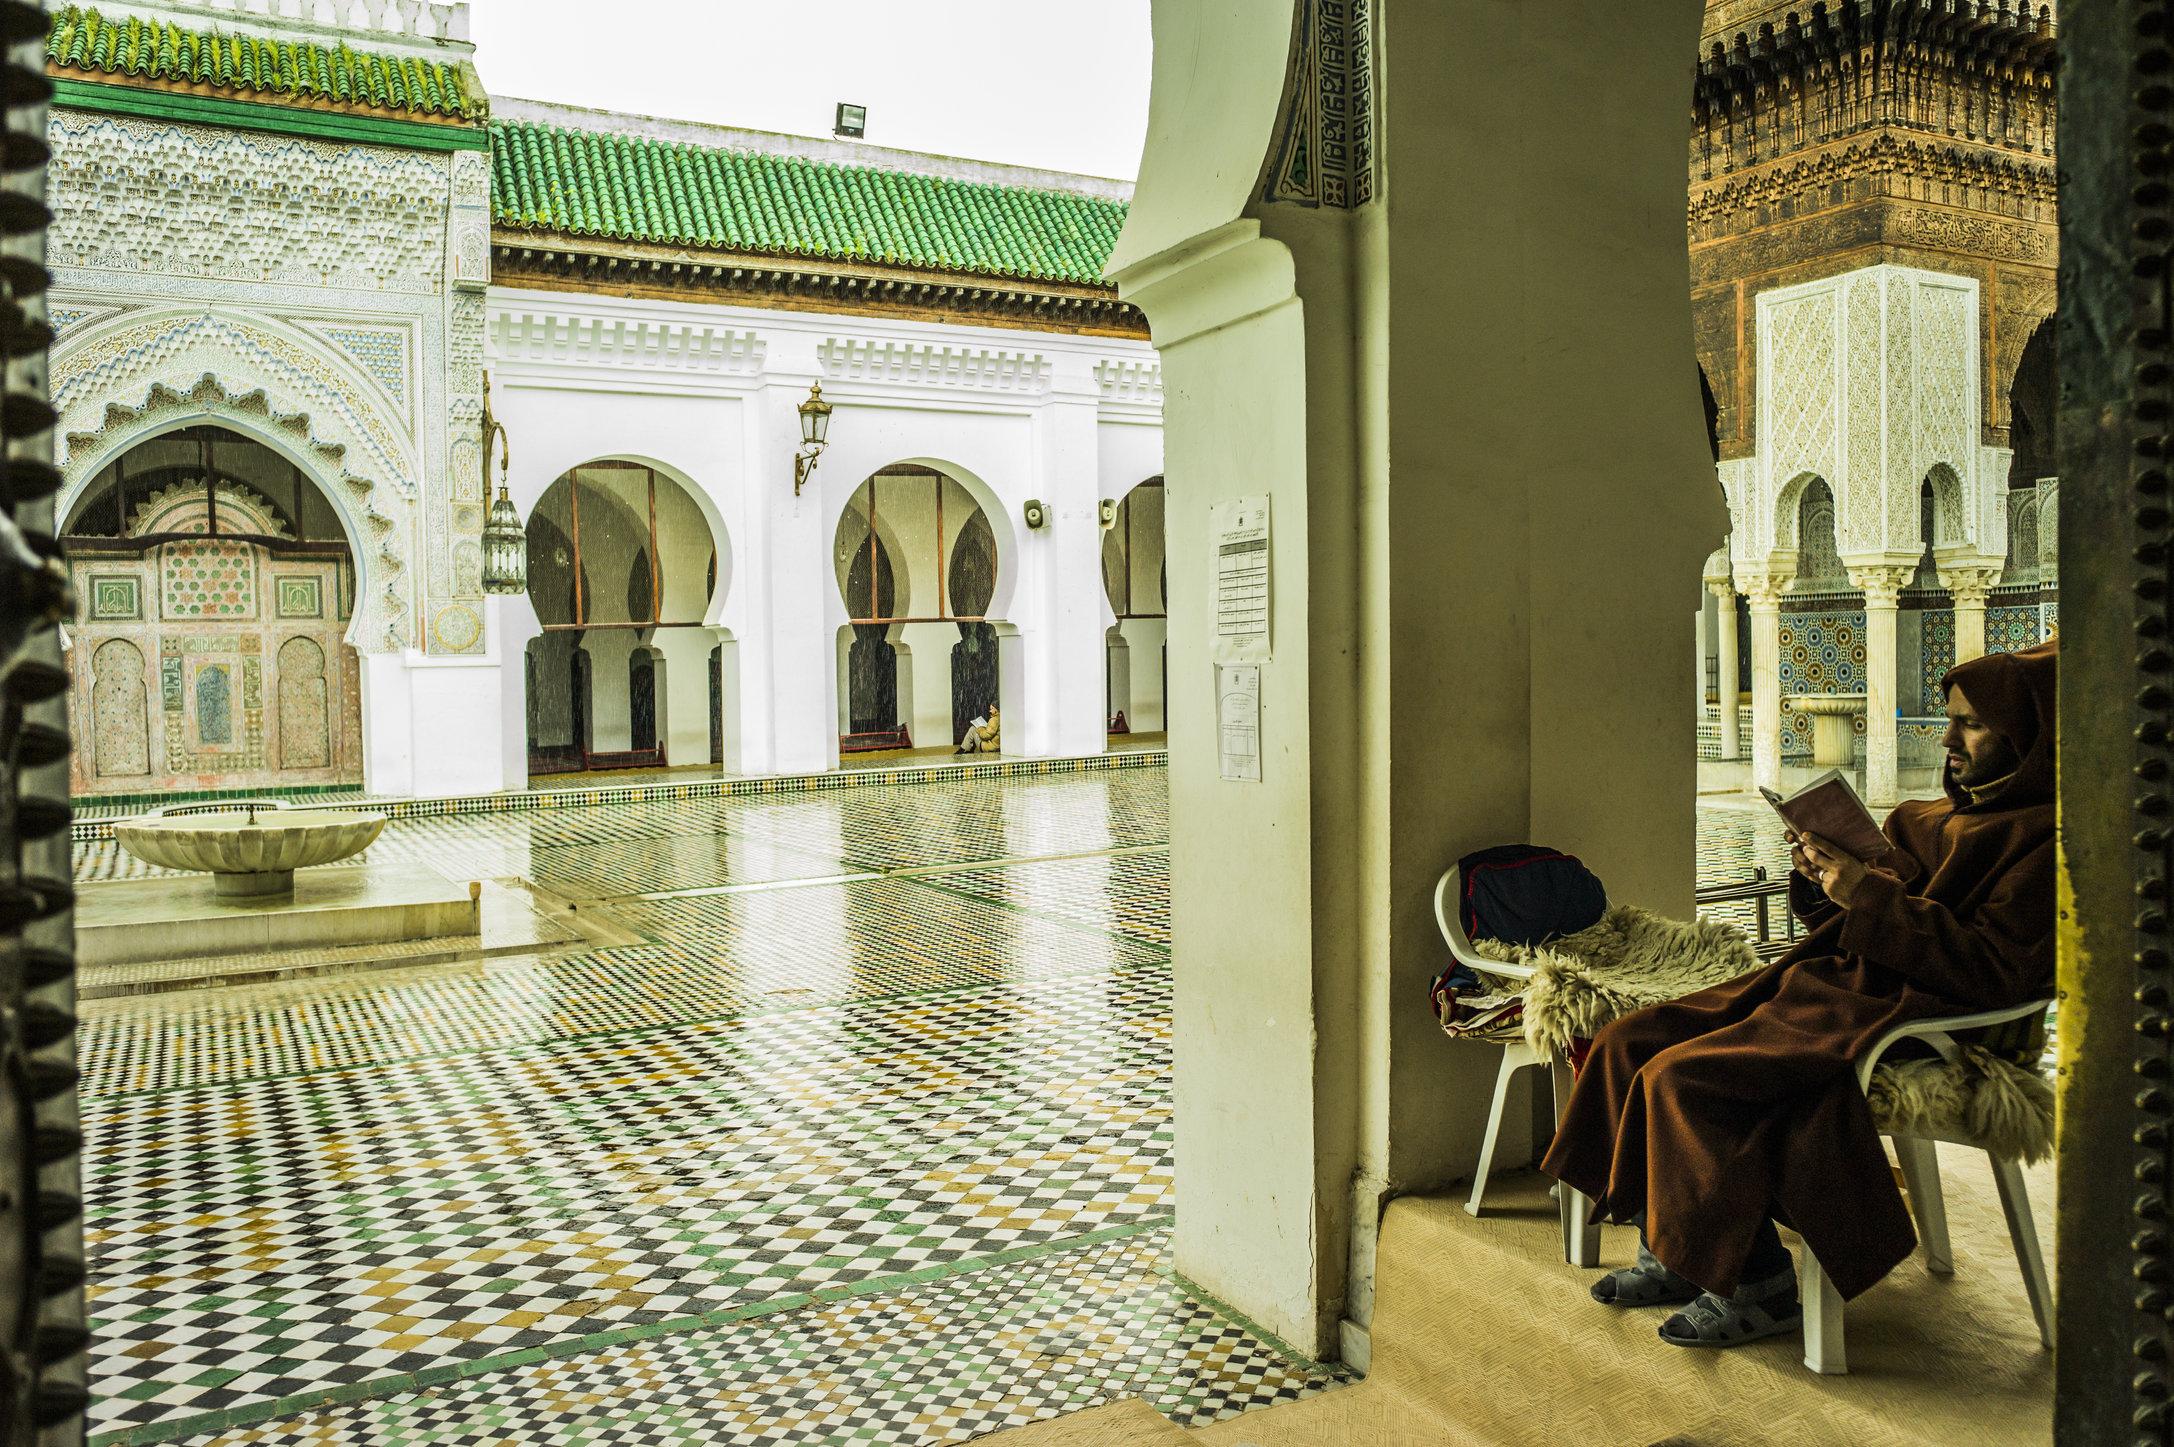 Fez, Morocco. 2014.